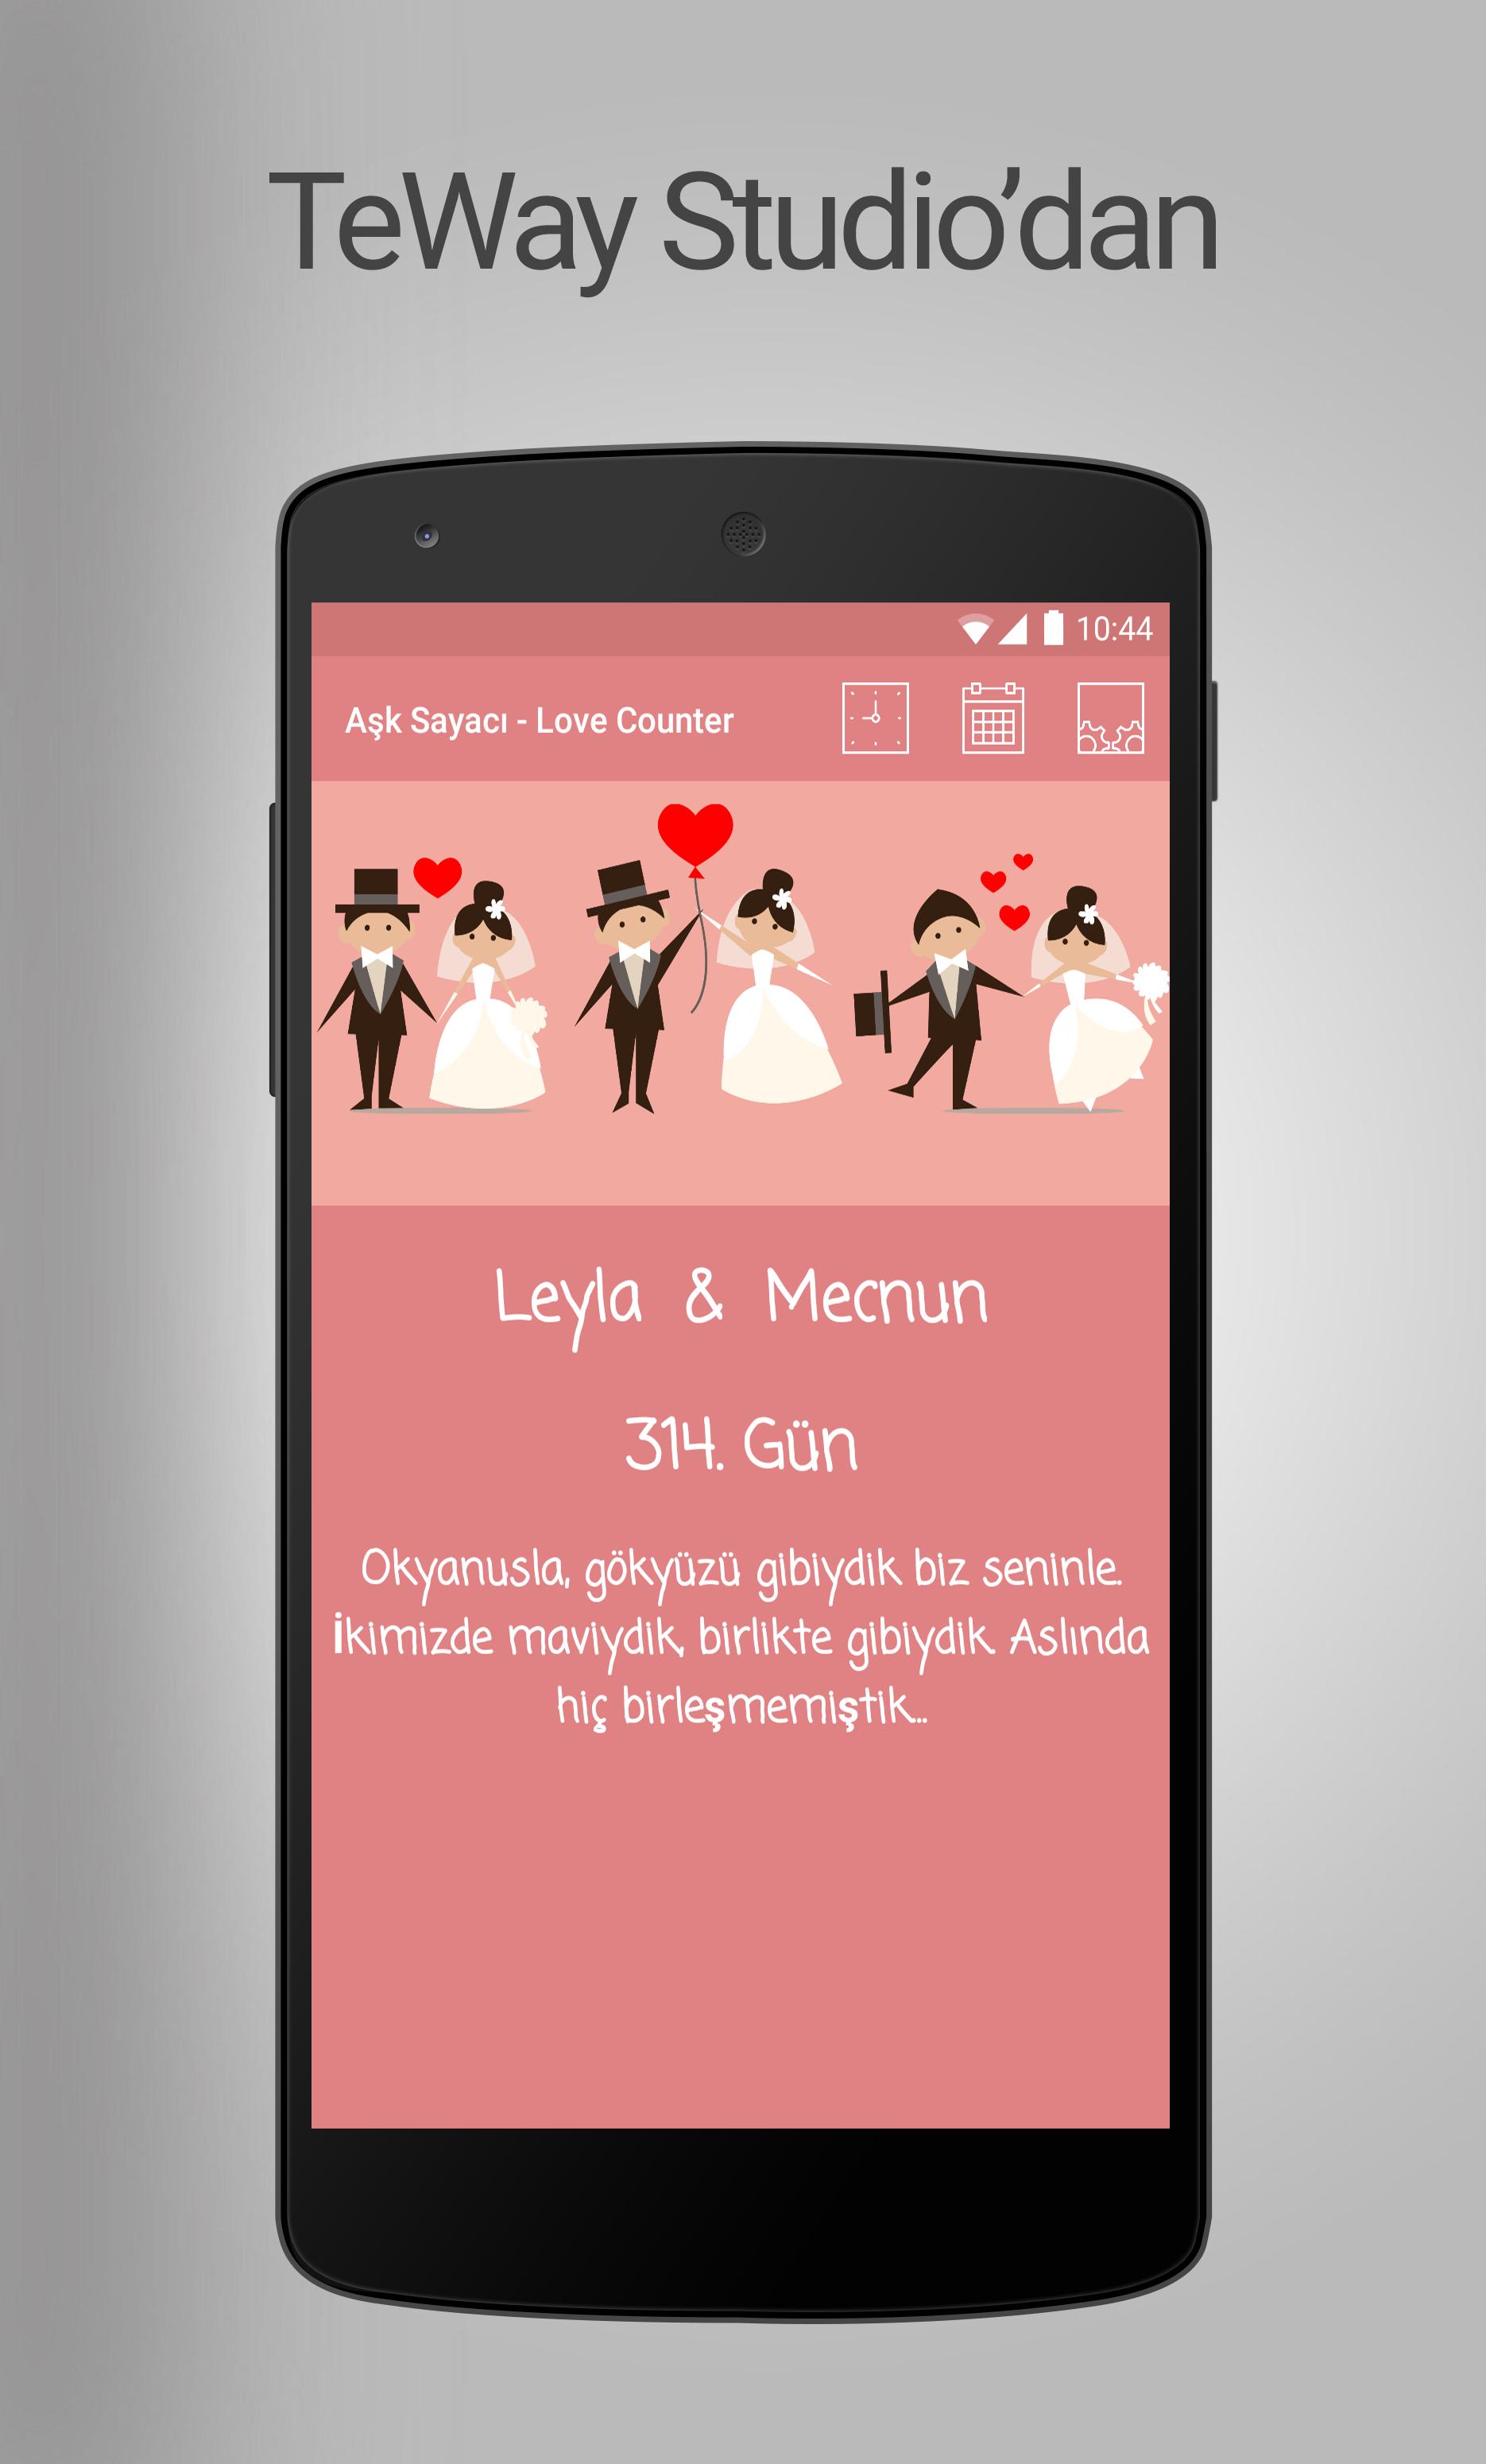 Aşk Sayacı Sevgili Gün Sayacı Mobil Uygulamalar Forumu Chip